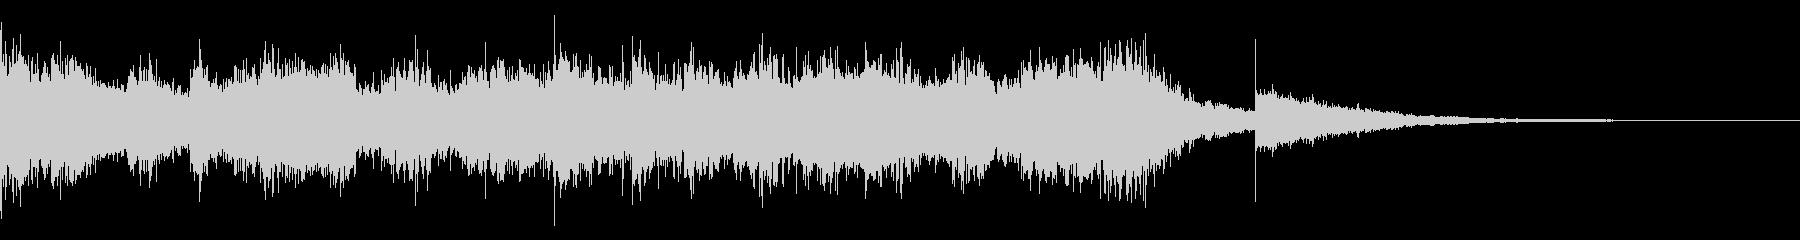 ピアノの切なく力強いBGM 短めの未再生の波形